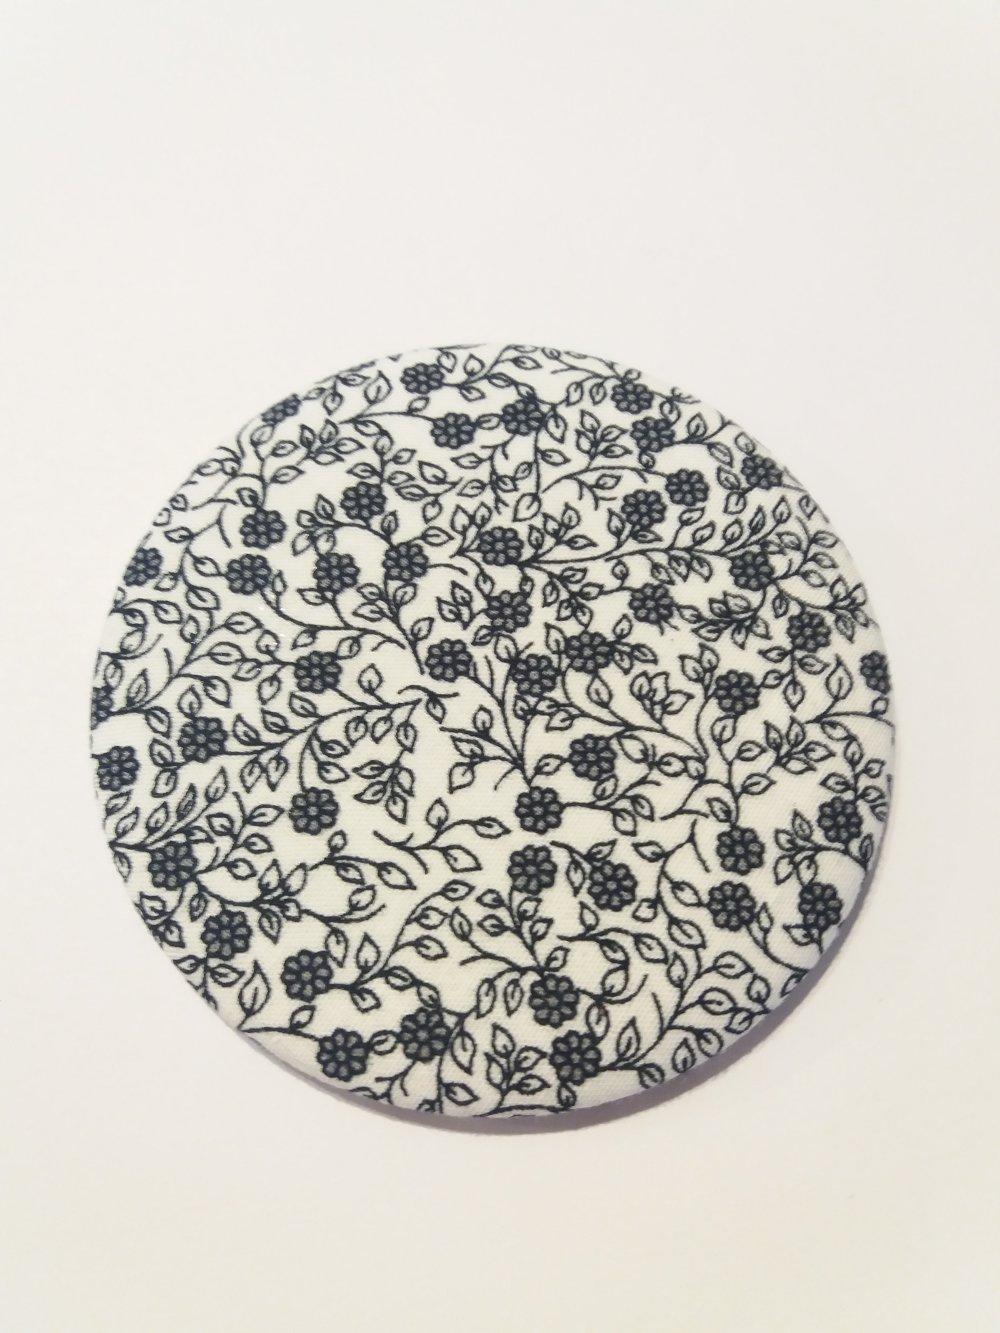 Miroir de sac décor tissus motifs fleurs - Fait main